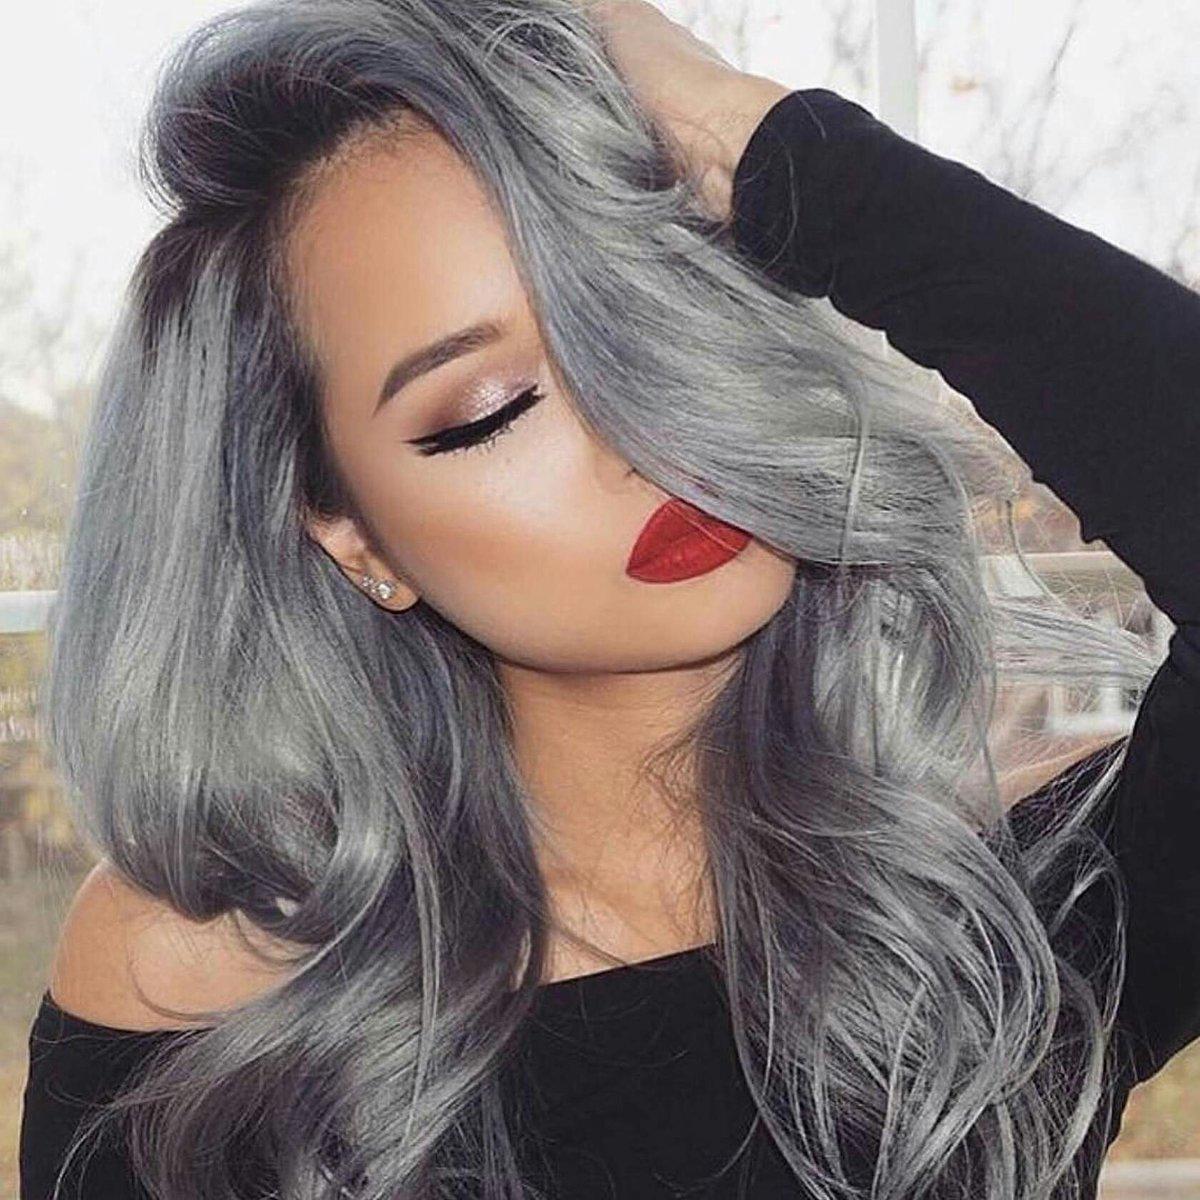 использовать, картинки темно серые волосы один немногих, кто